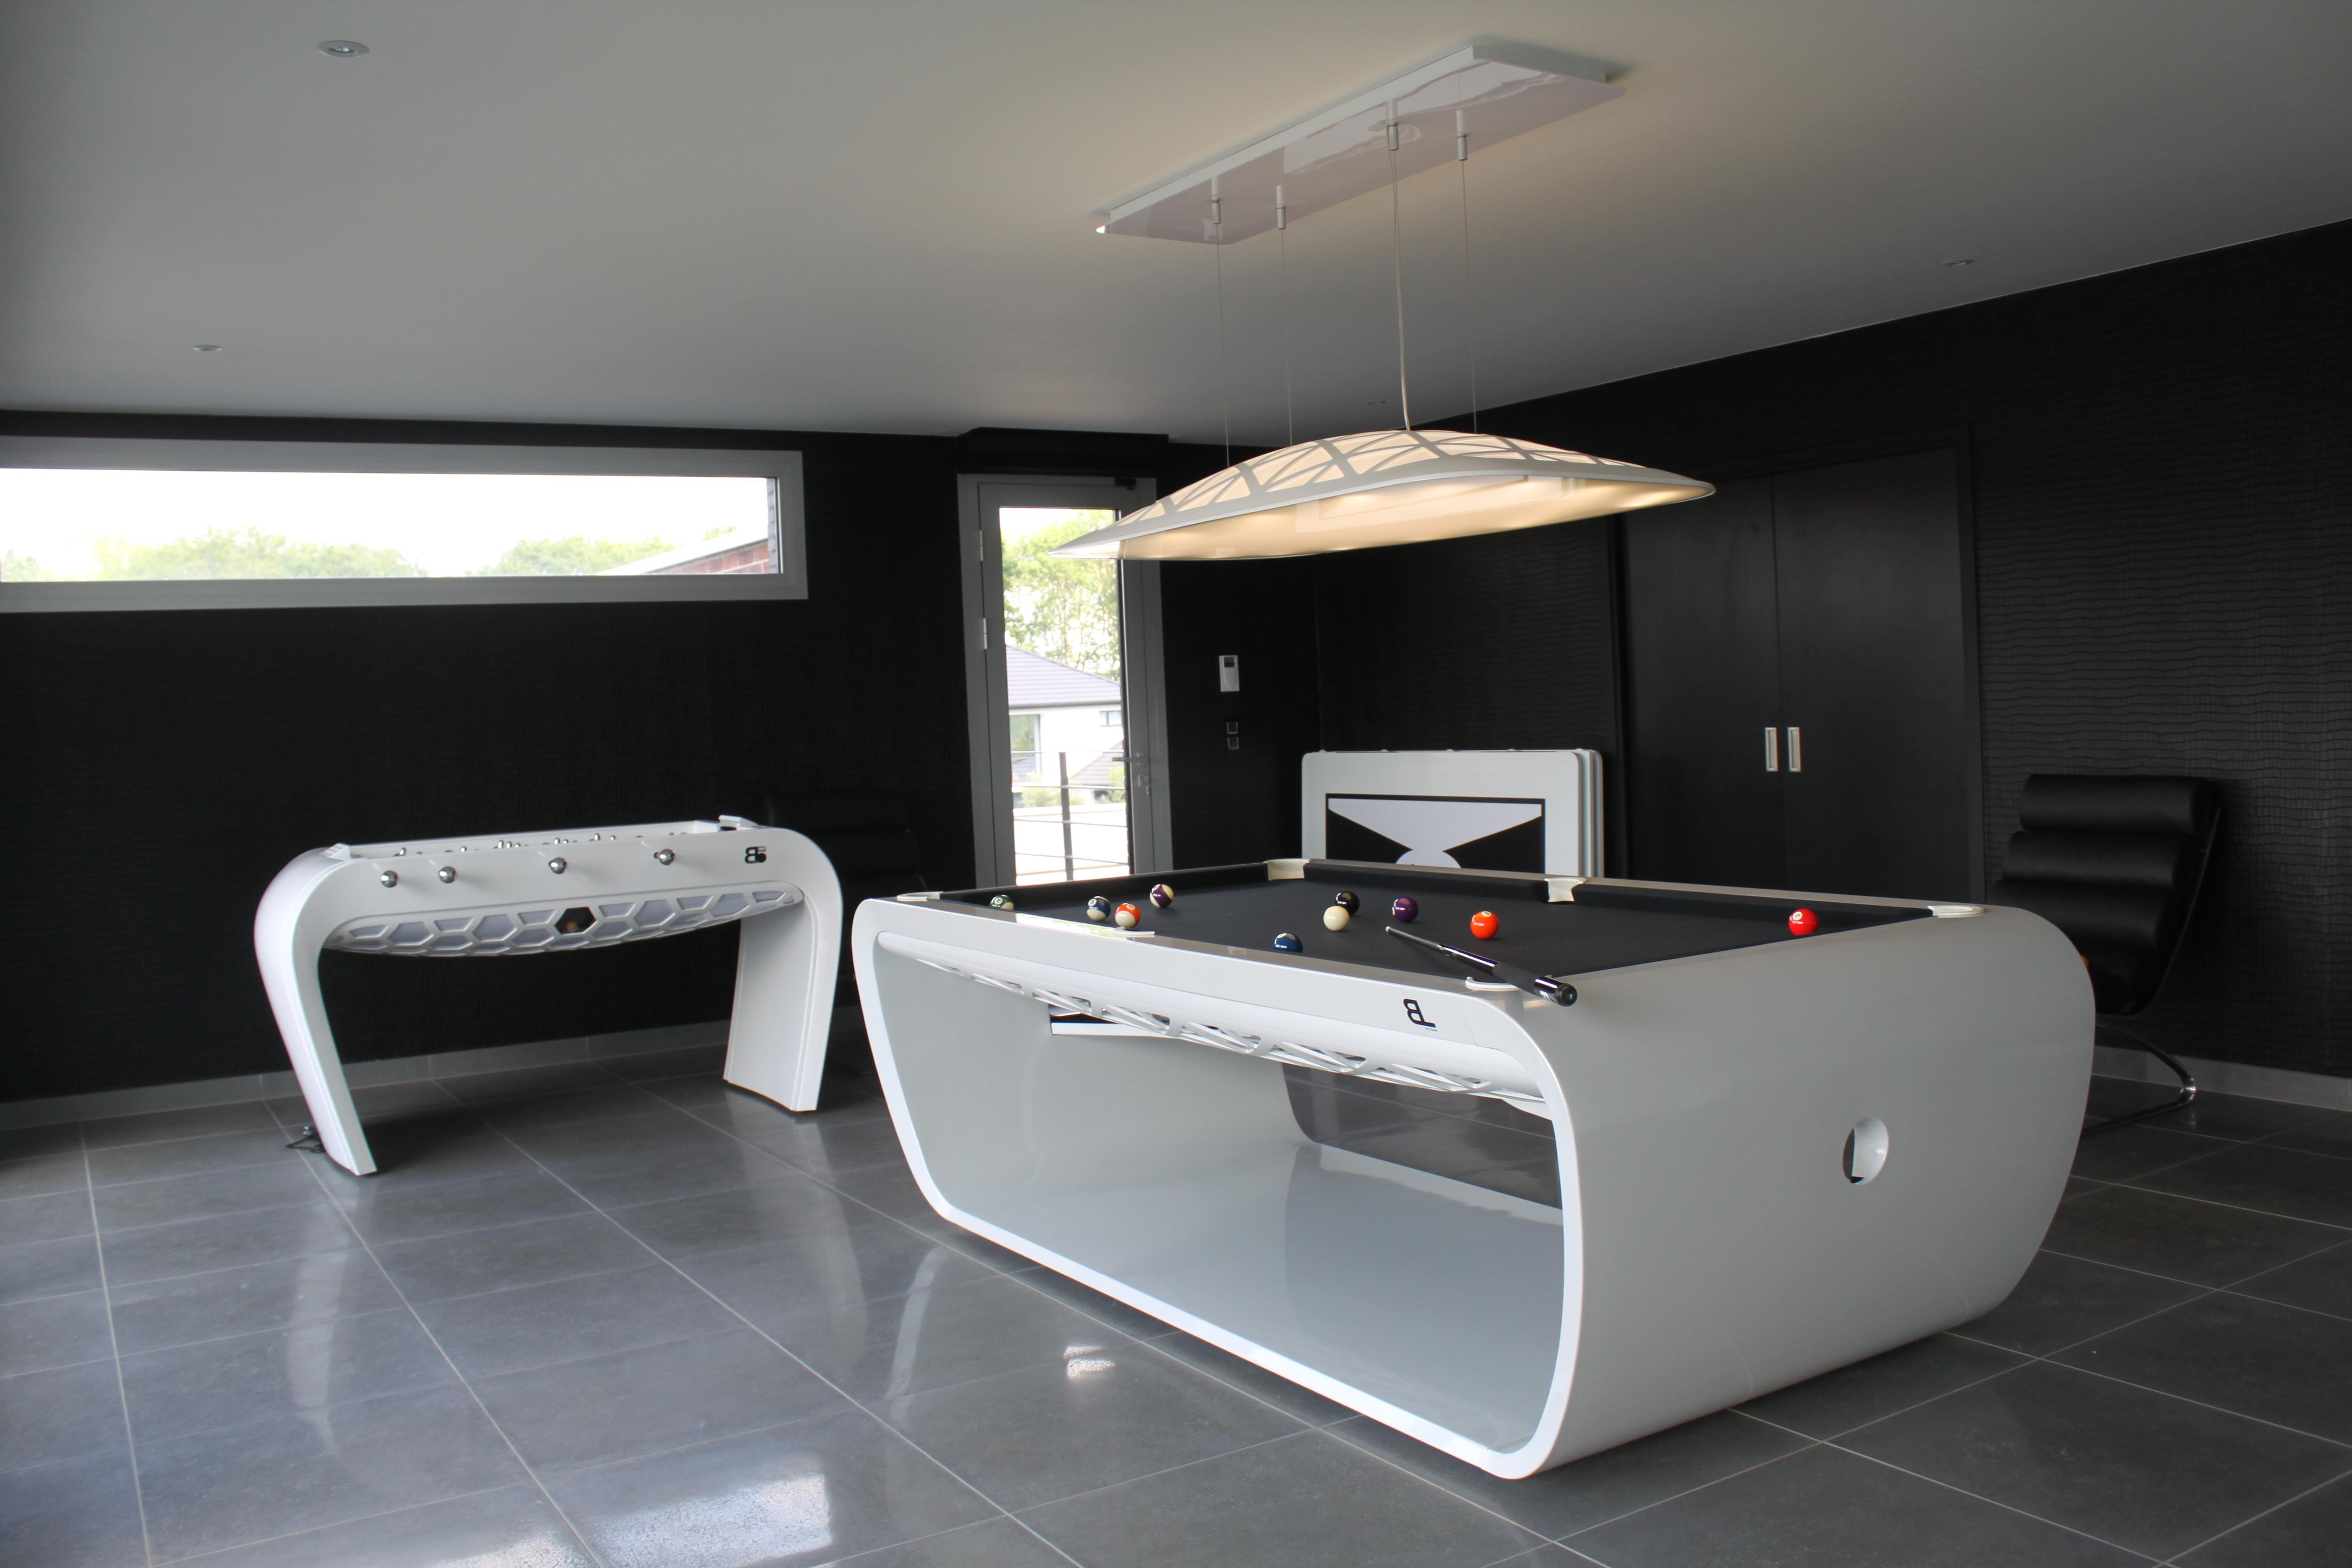 marque de baby foot debuchy by toulet la rencontre. Black Bedroom Furniture Sets. Home Design Ideas